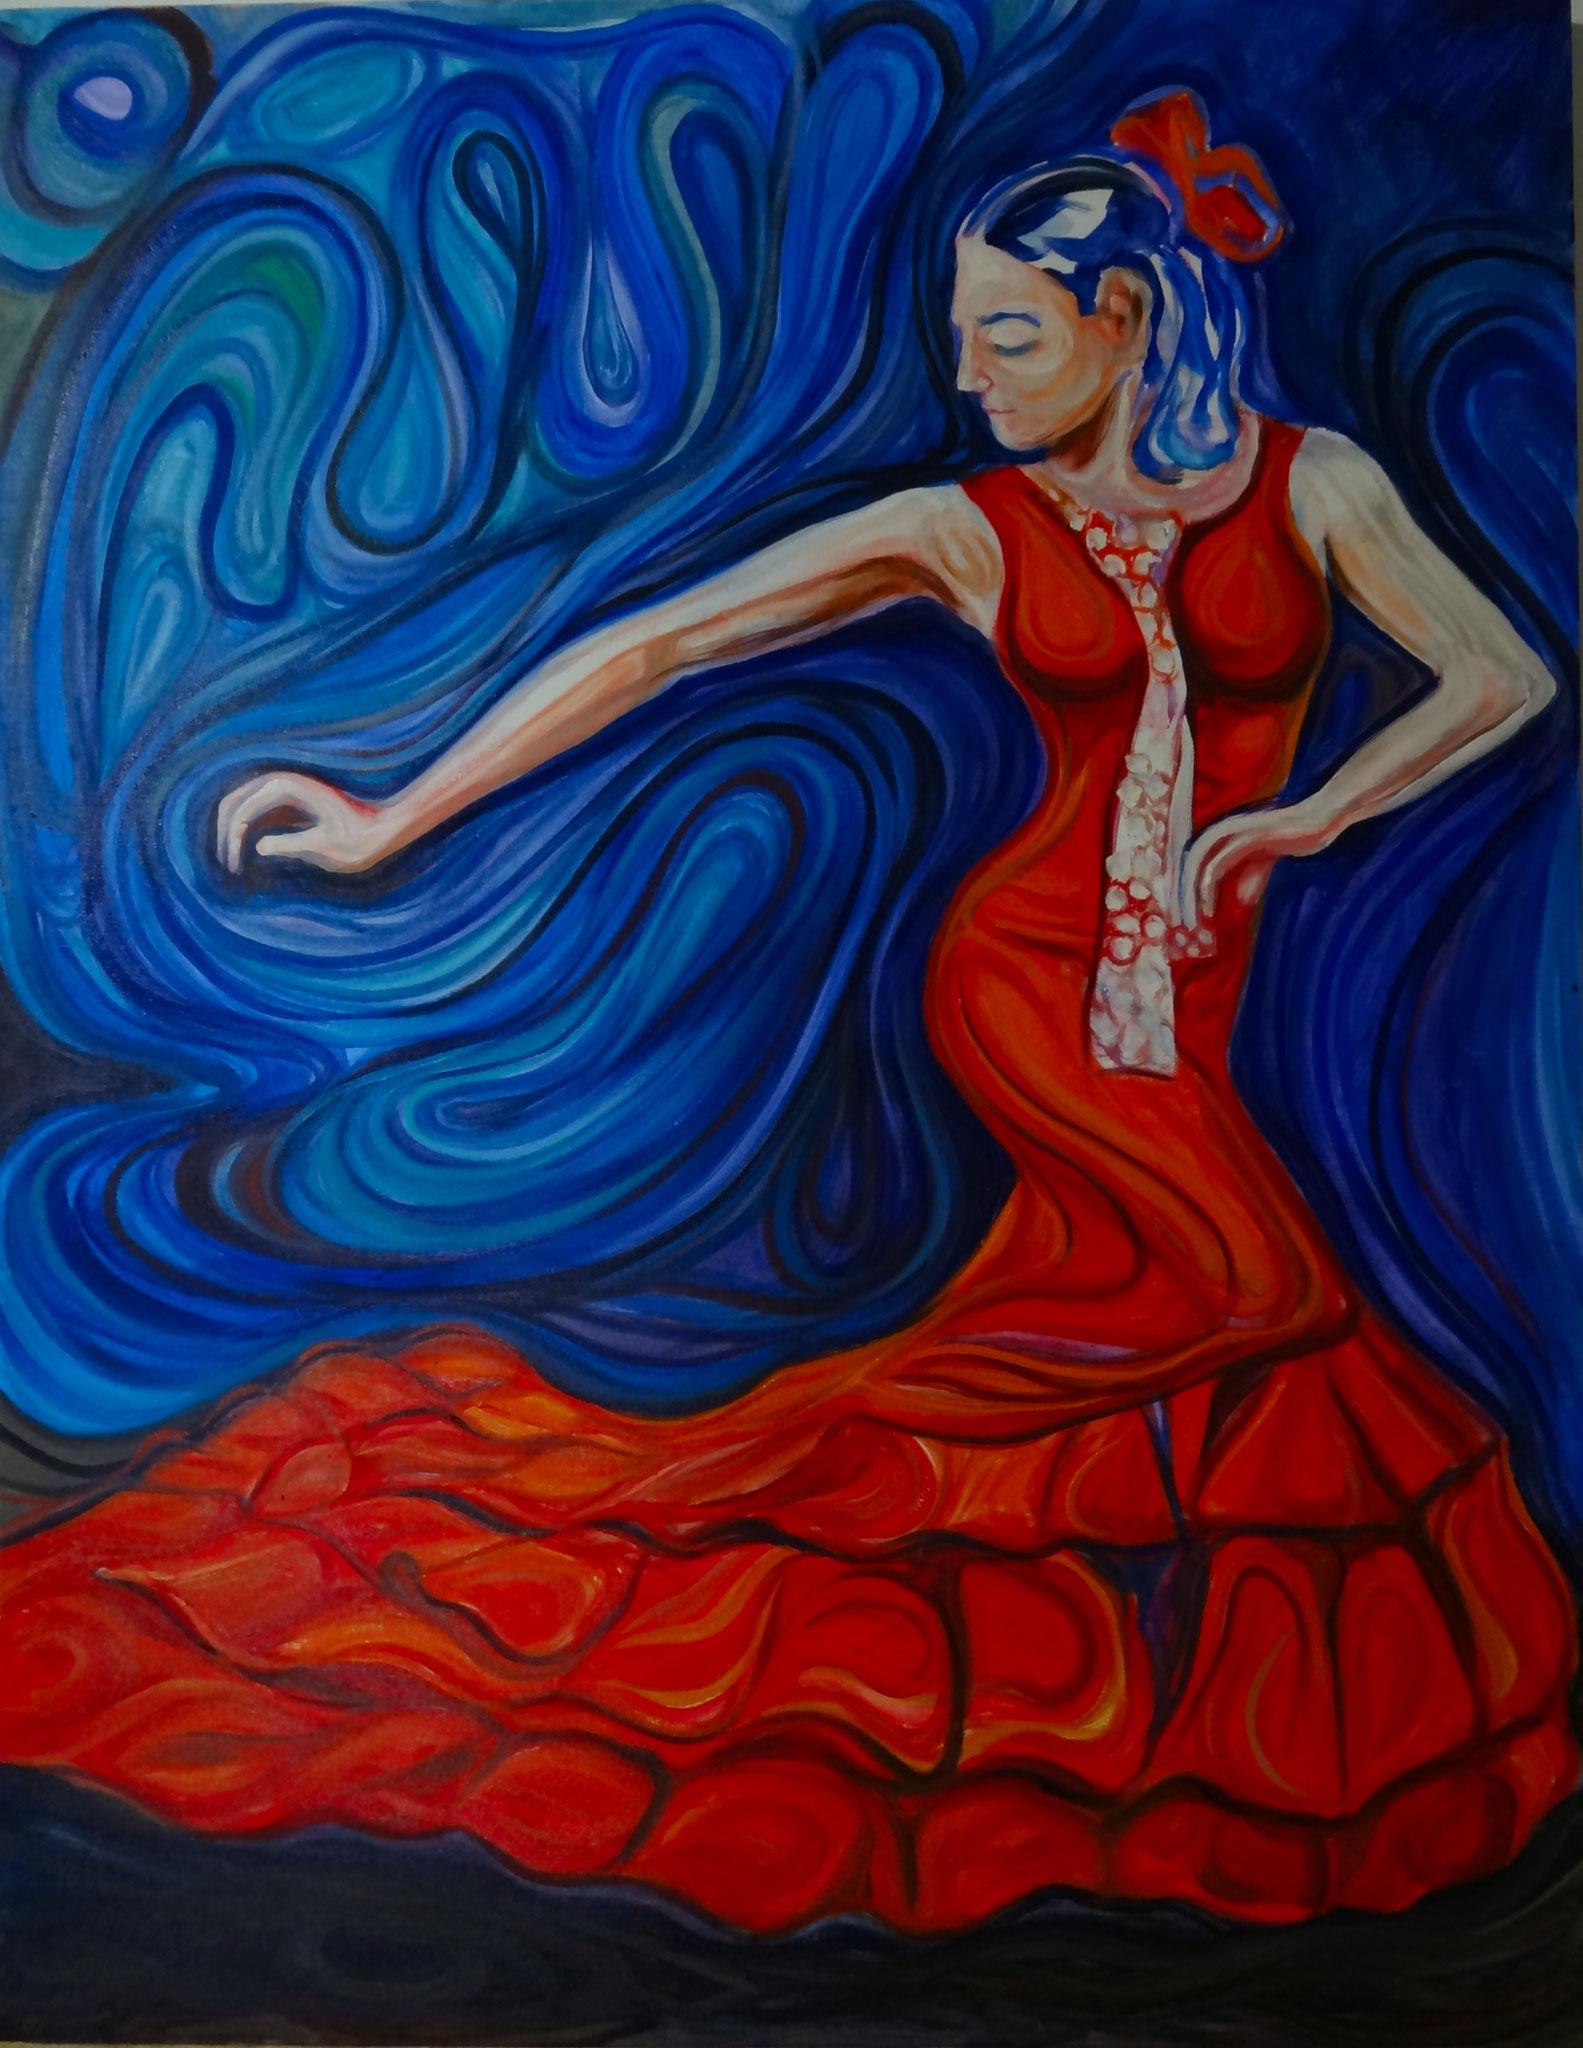 Bailarina de flamenco / Óleo sobre lienzo/ 90 x 70 cm /2018